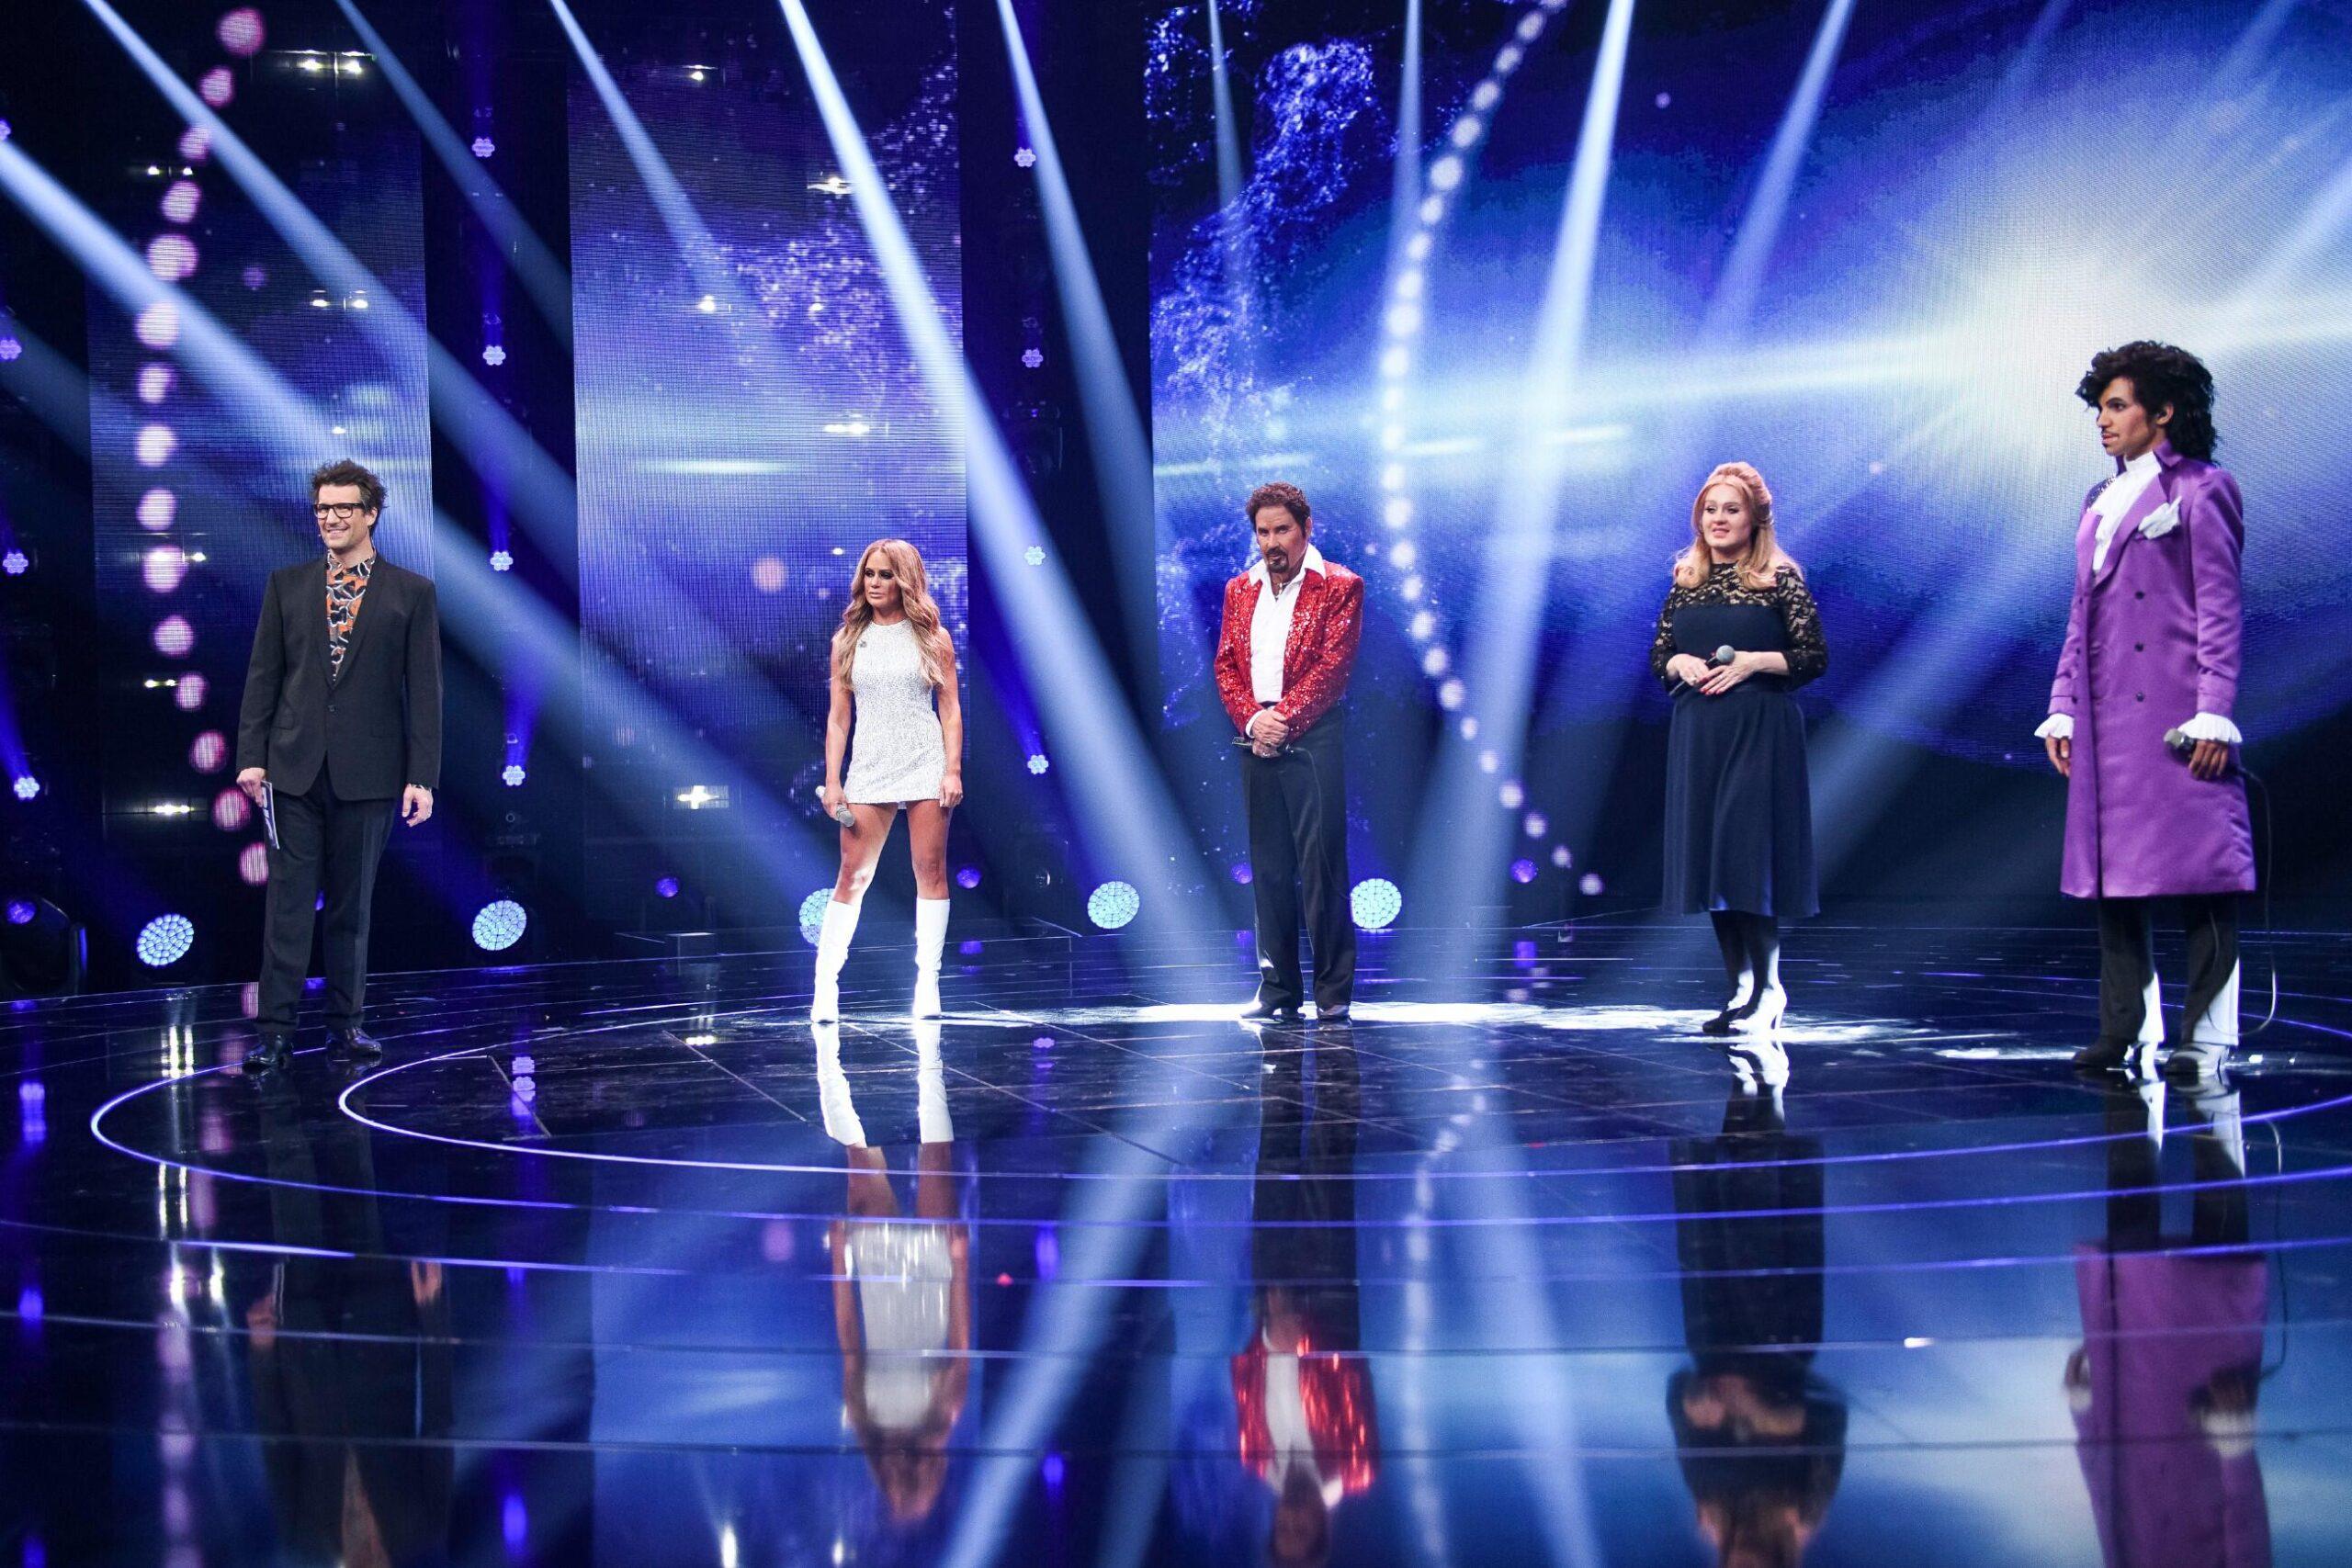 Live 16 settembre 2021 · Parte Star in the Star, prima puntata. Arriva il celebrity show condotto da Ilary Blasi, in prime time su Canale5